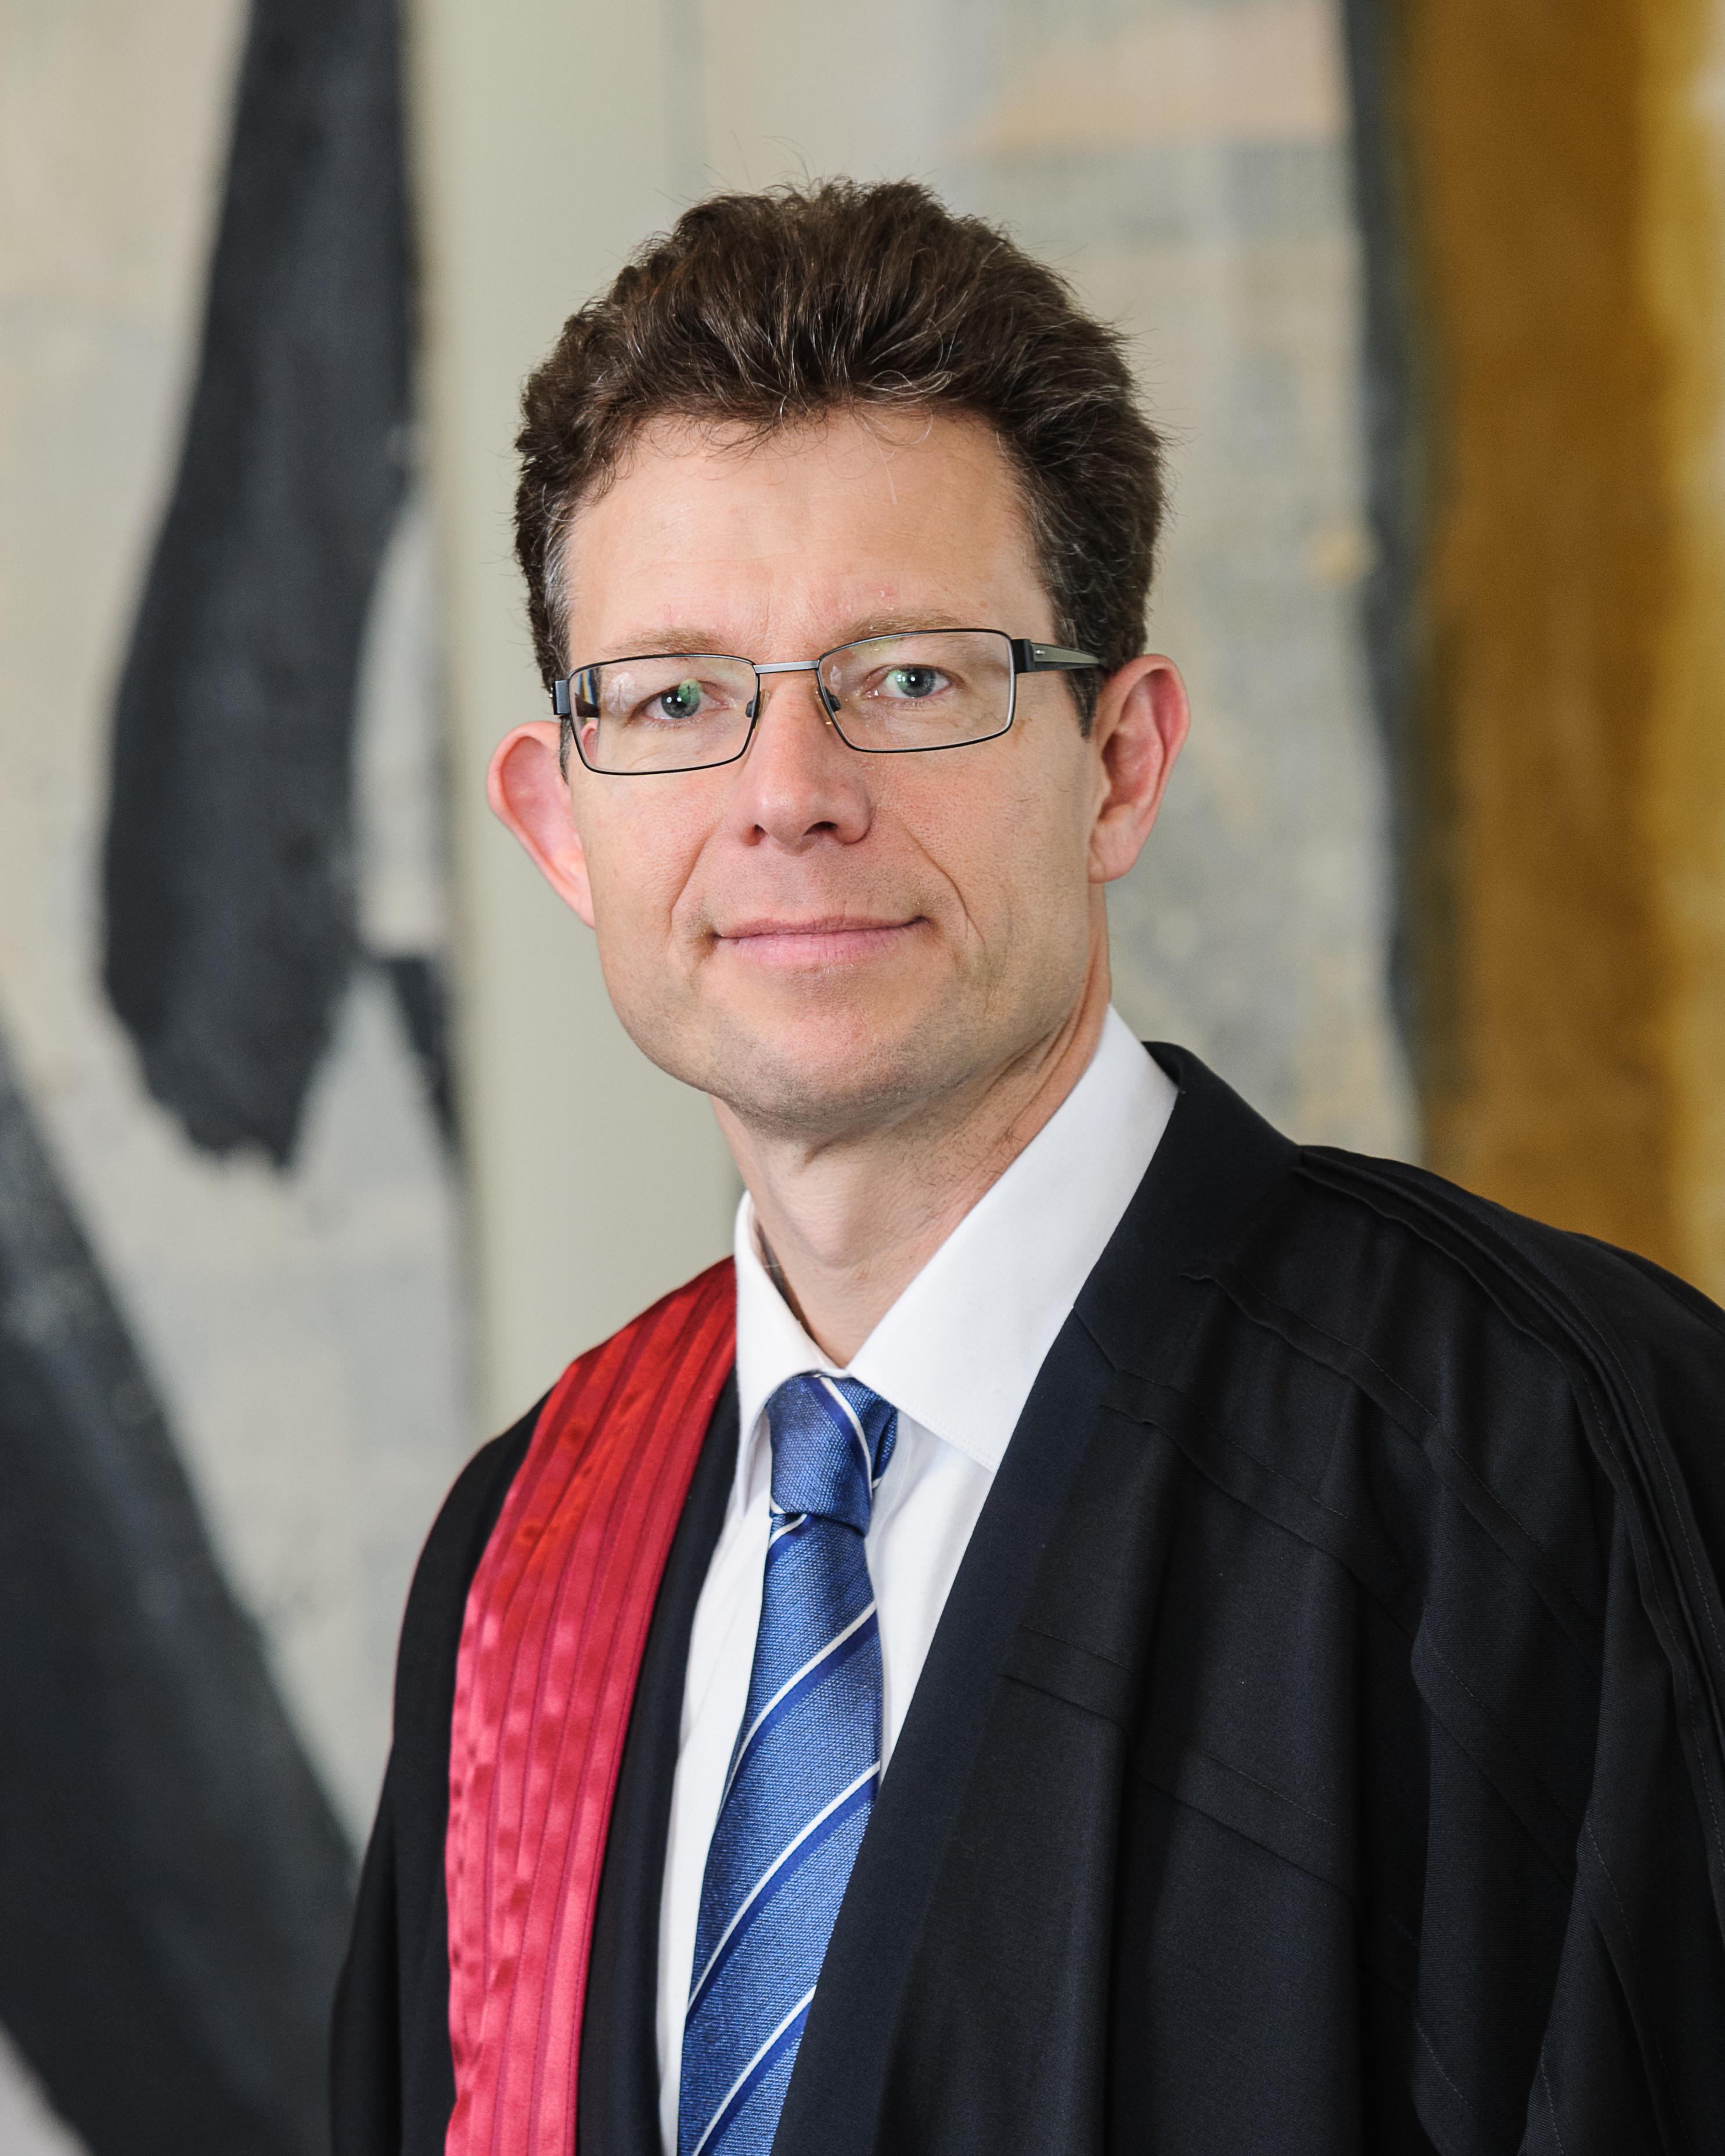 The Honourable Mark Kranz Moshinsky